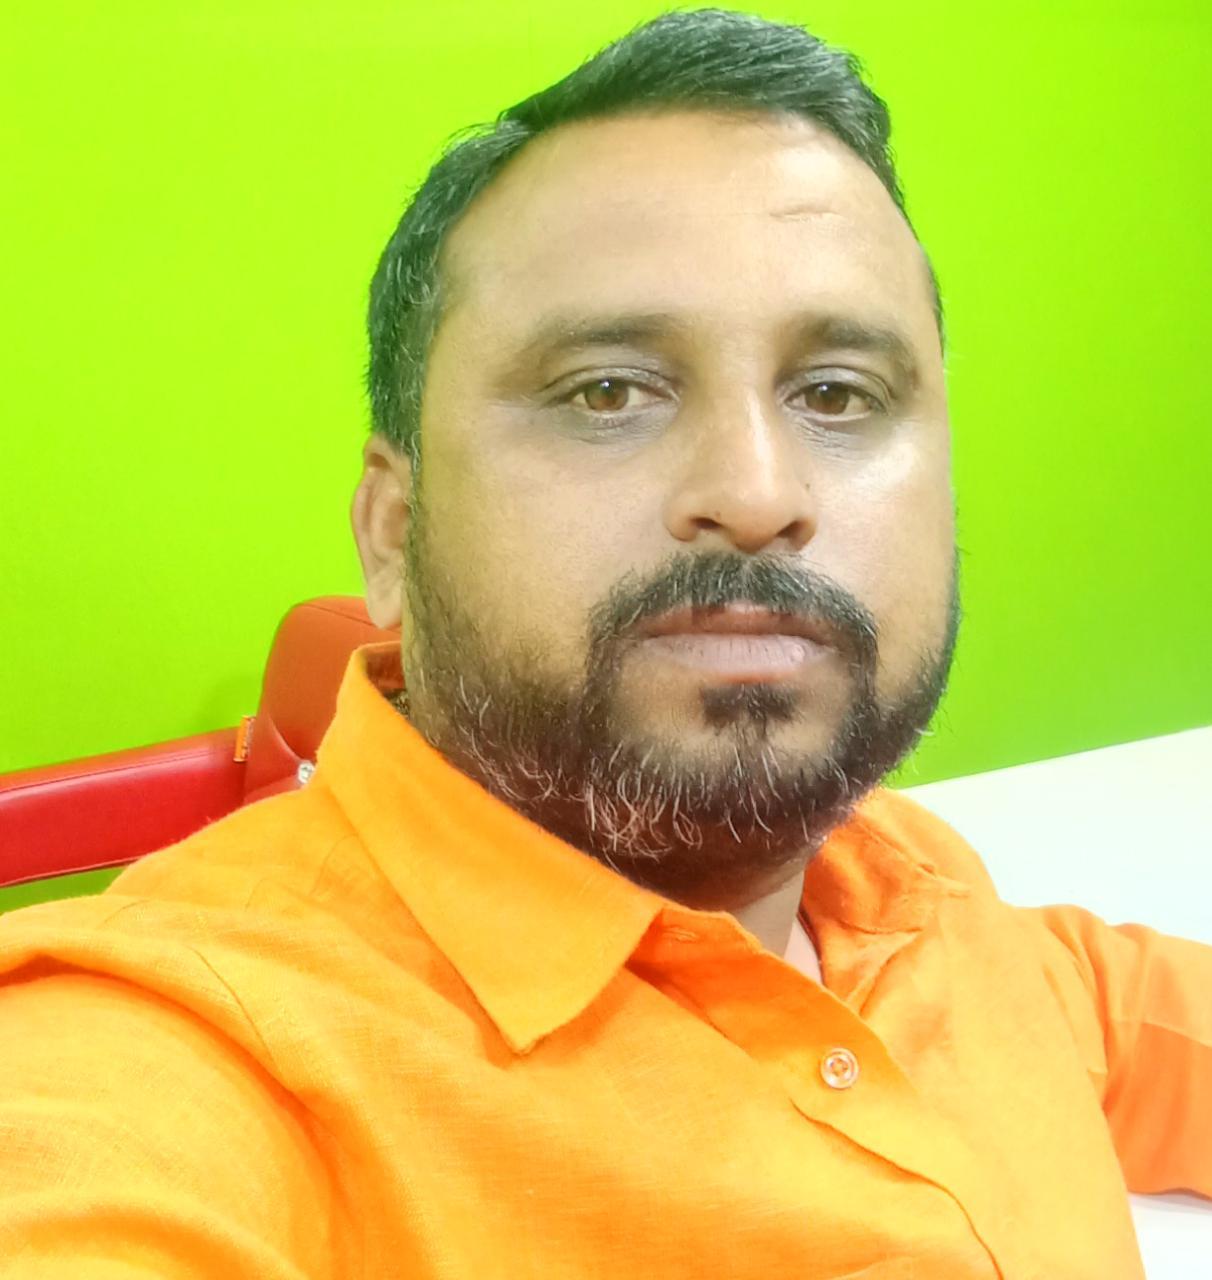 कलमकार हूँ ,मैं सच ही लिखता हूँ, तुम मेरी बातों का बुरा मानना छोड़ दो।- राहुल सिंह पत्रकार